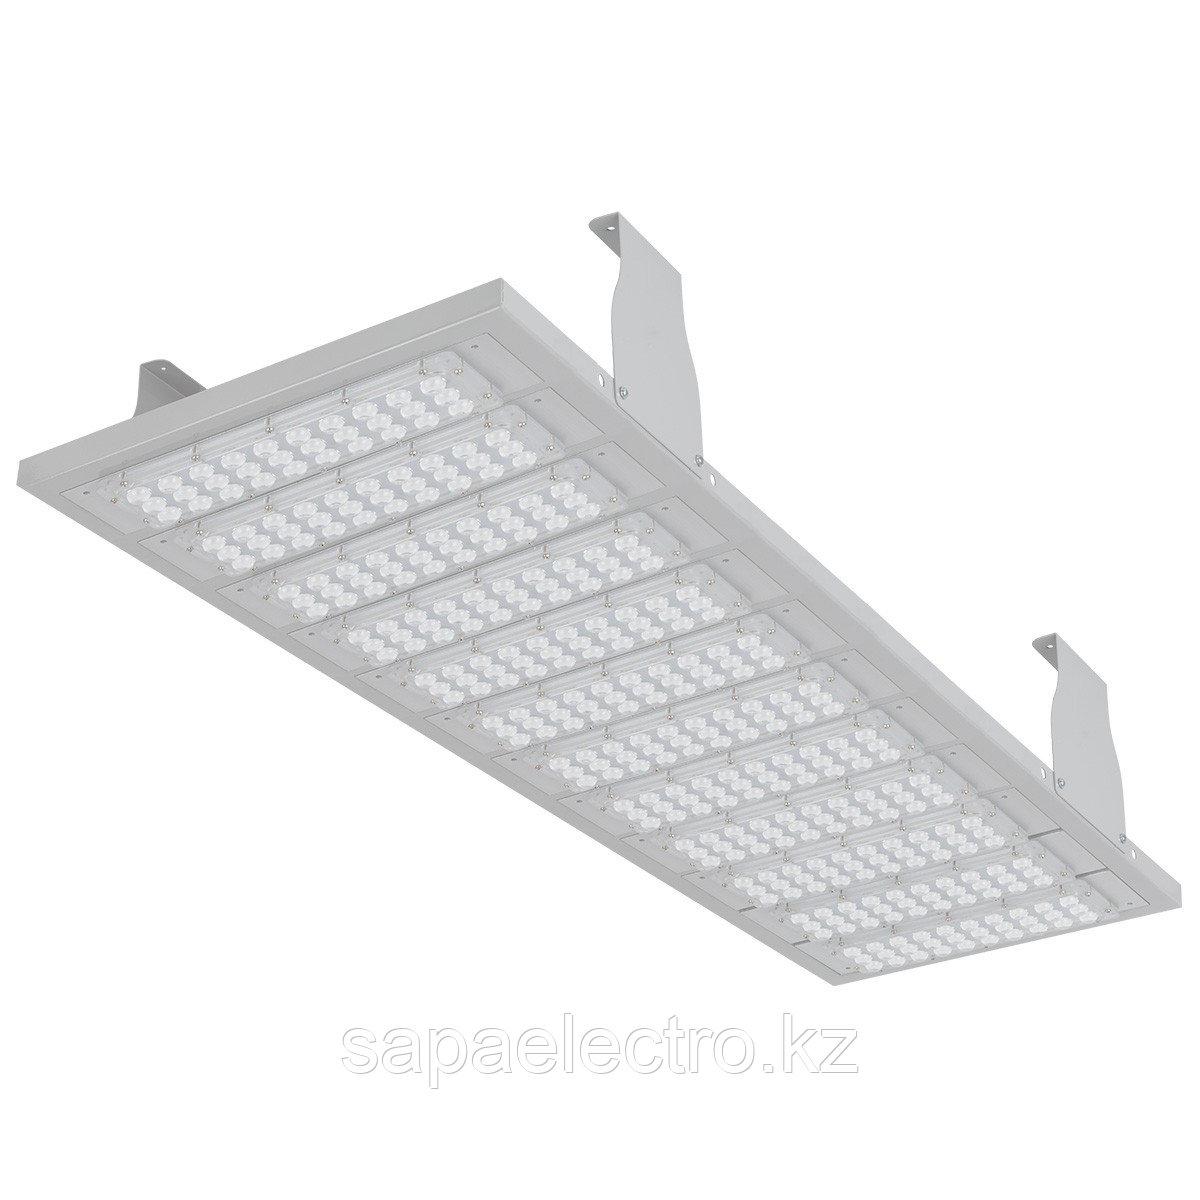 Свет-к LED AZS  SMART Подвесной 360W MGL (TS) 1шт